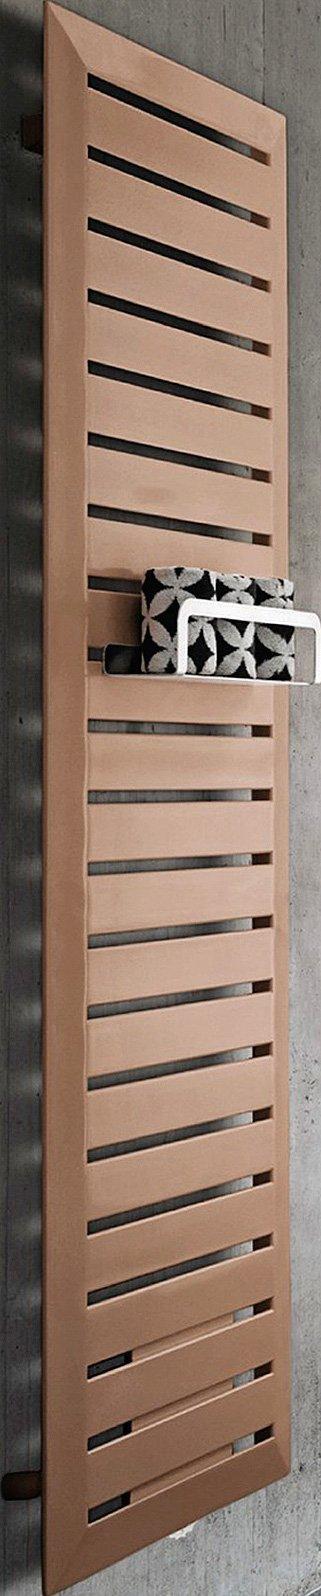 Con barra portaoggetti e per asciugamani, Cosmopolitan di Runtal (www.runtalitalia.it),in acciaio, nella misura L 57,8 x H 185,3 cm, Iva esclusa, costa 1.712 euro.